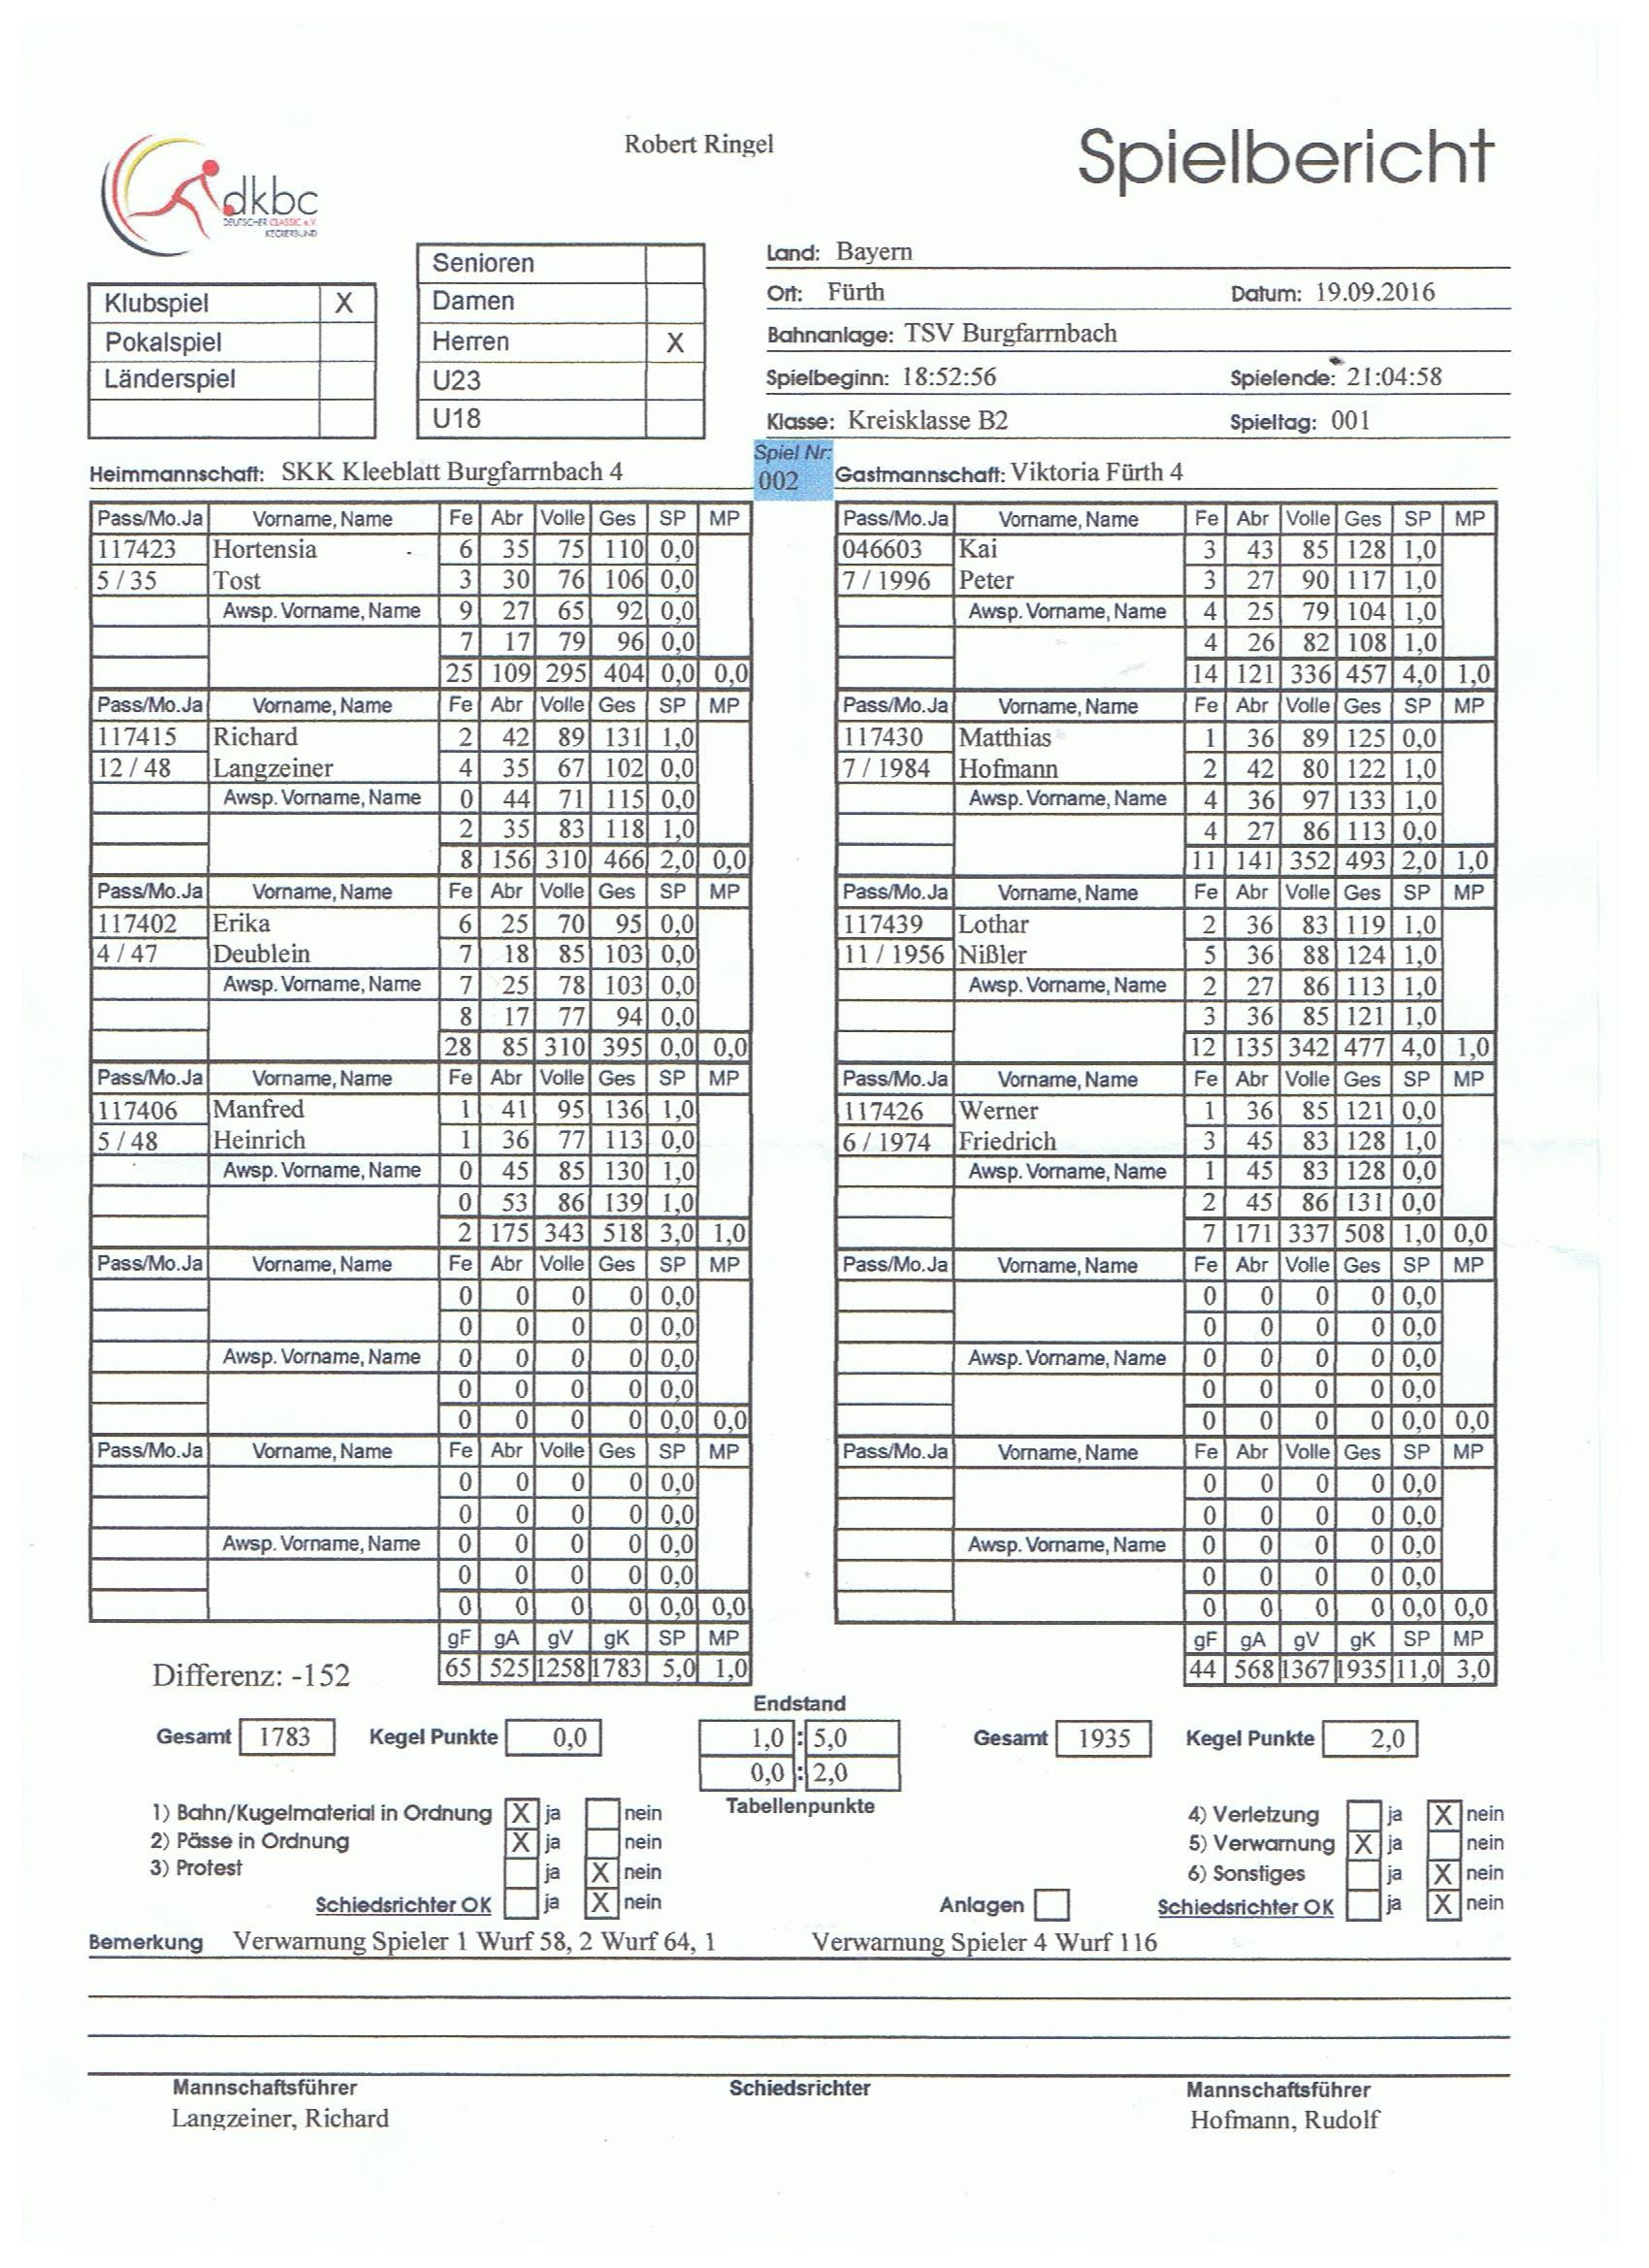 KleeblattBurgfarrnbach3-V4